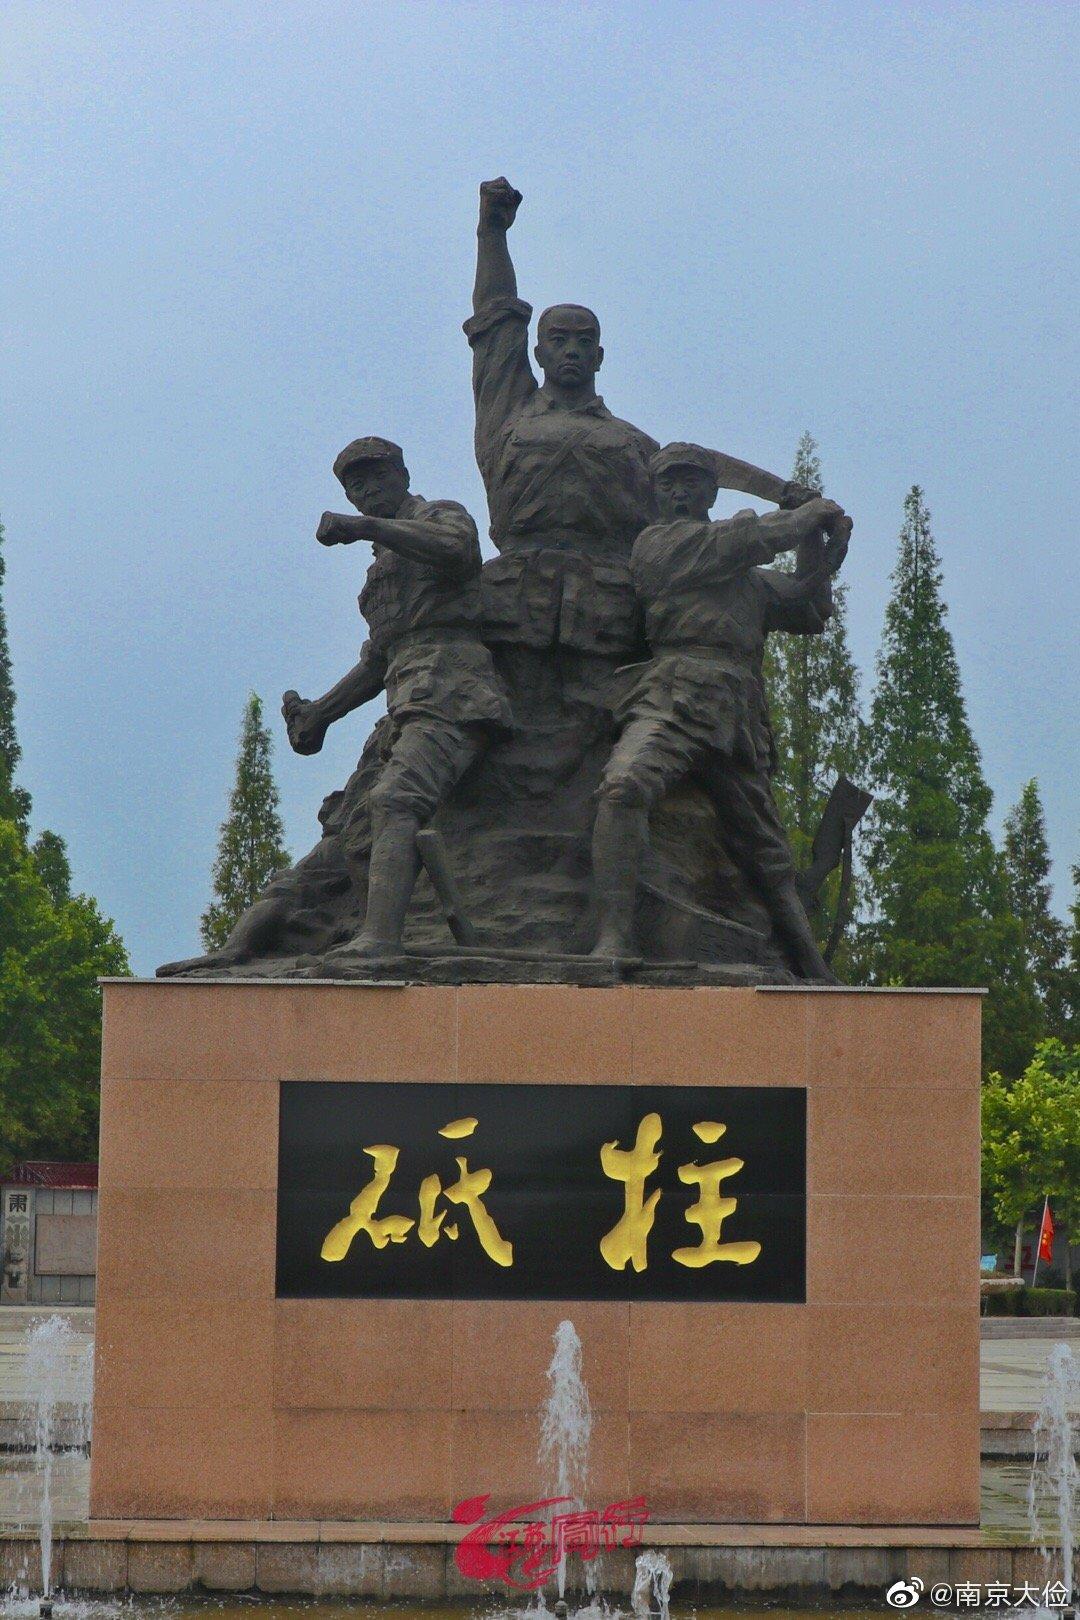 刘老庄战斗,是新四军在江苏省淮安市淮阴区刘老庄乡